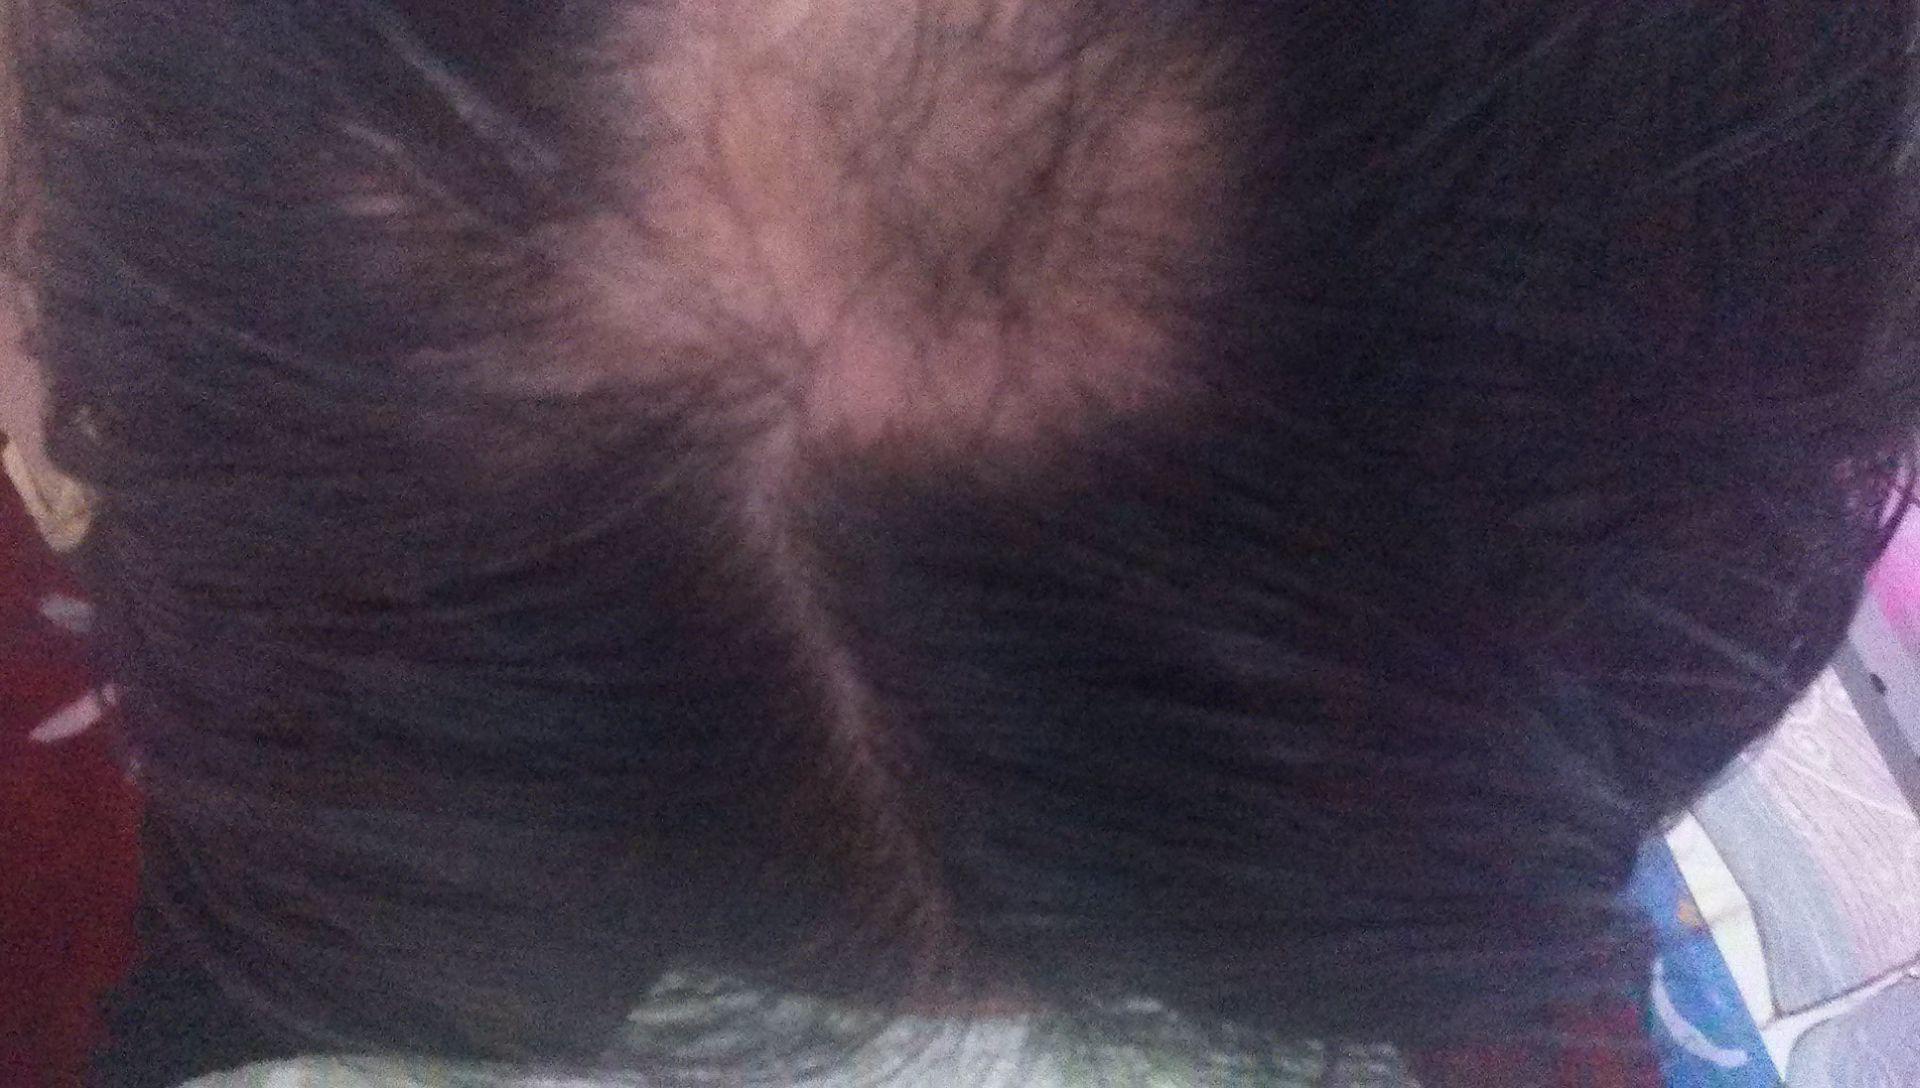 梦见自己的头发掉了一大片 女人梦见自己头发掉了